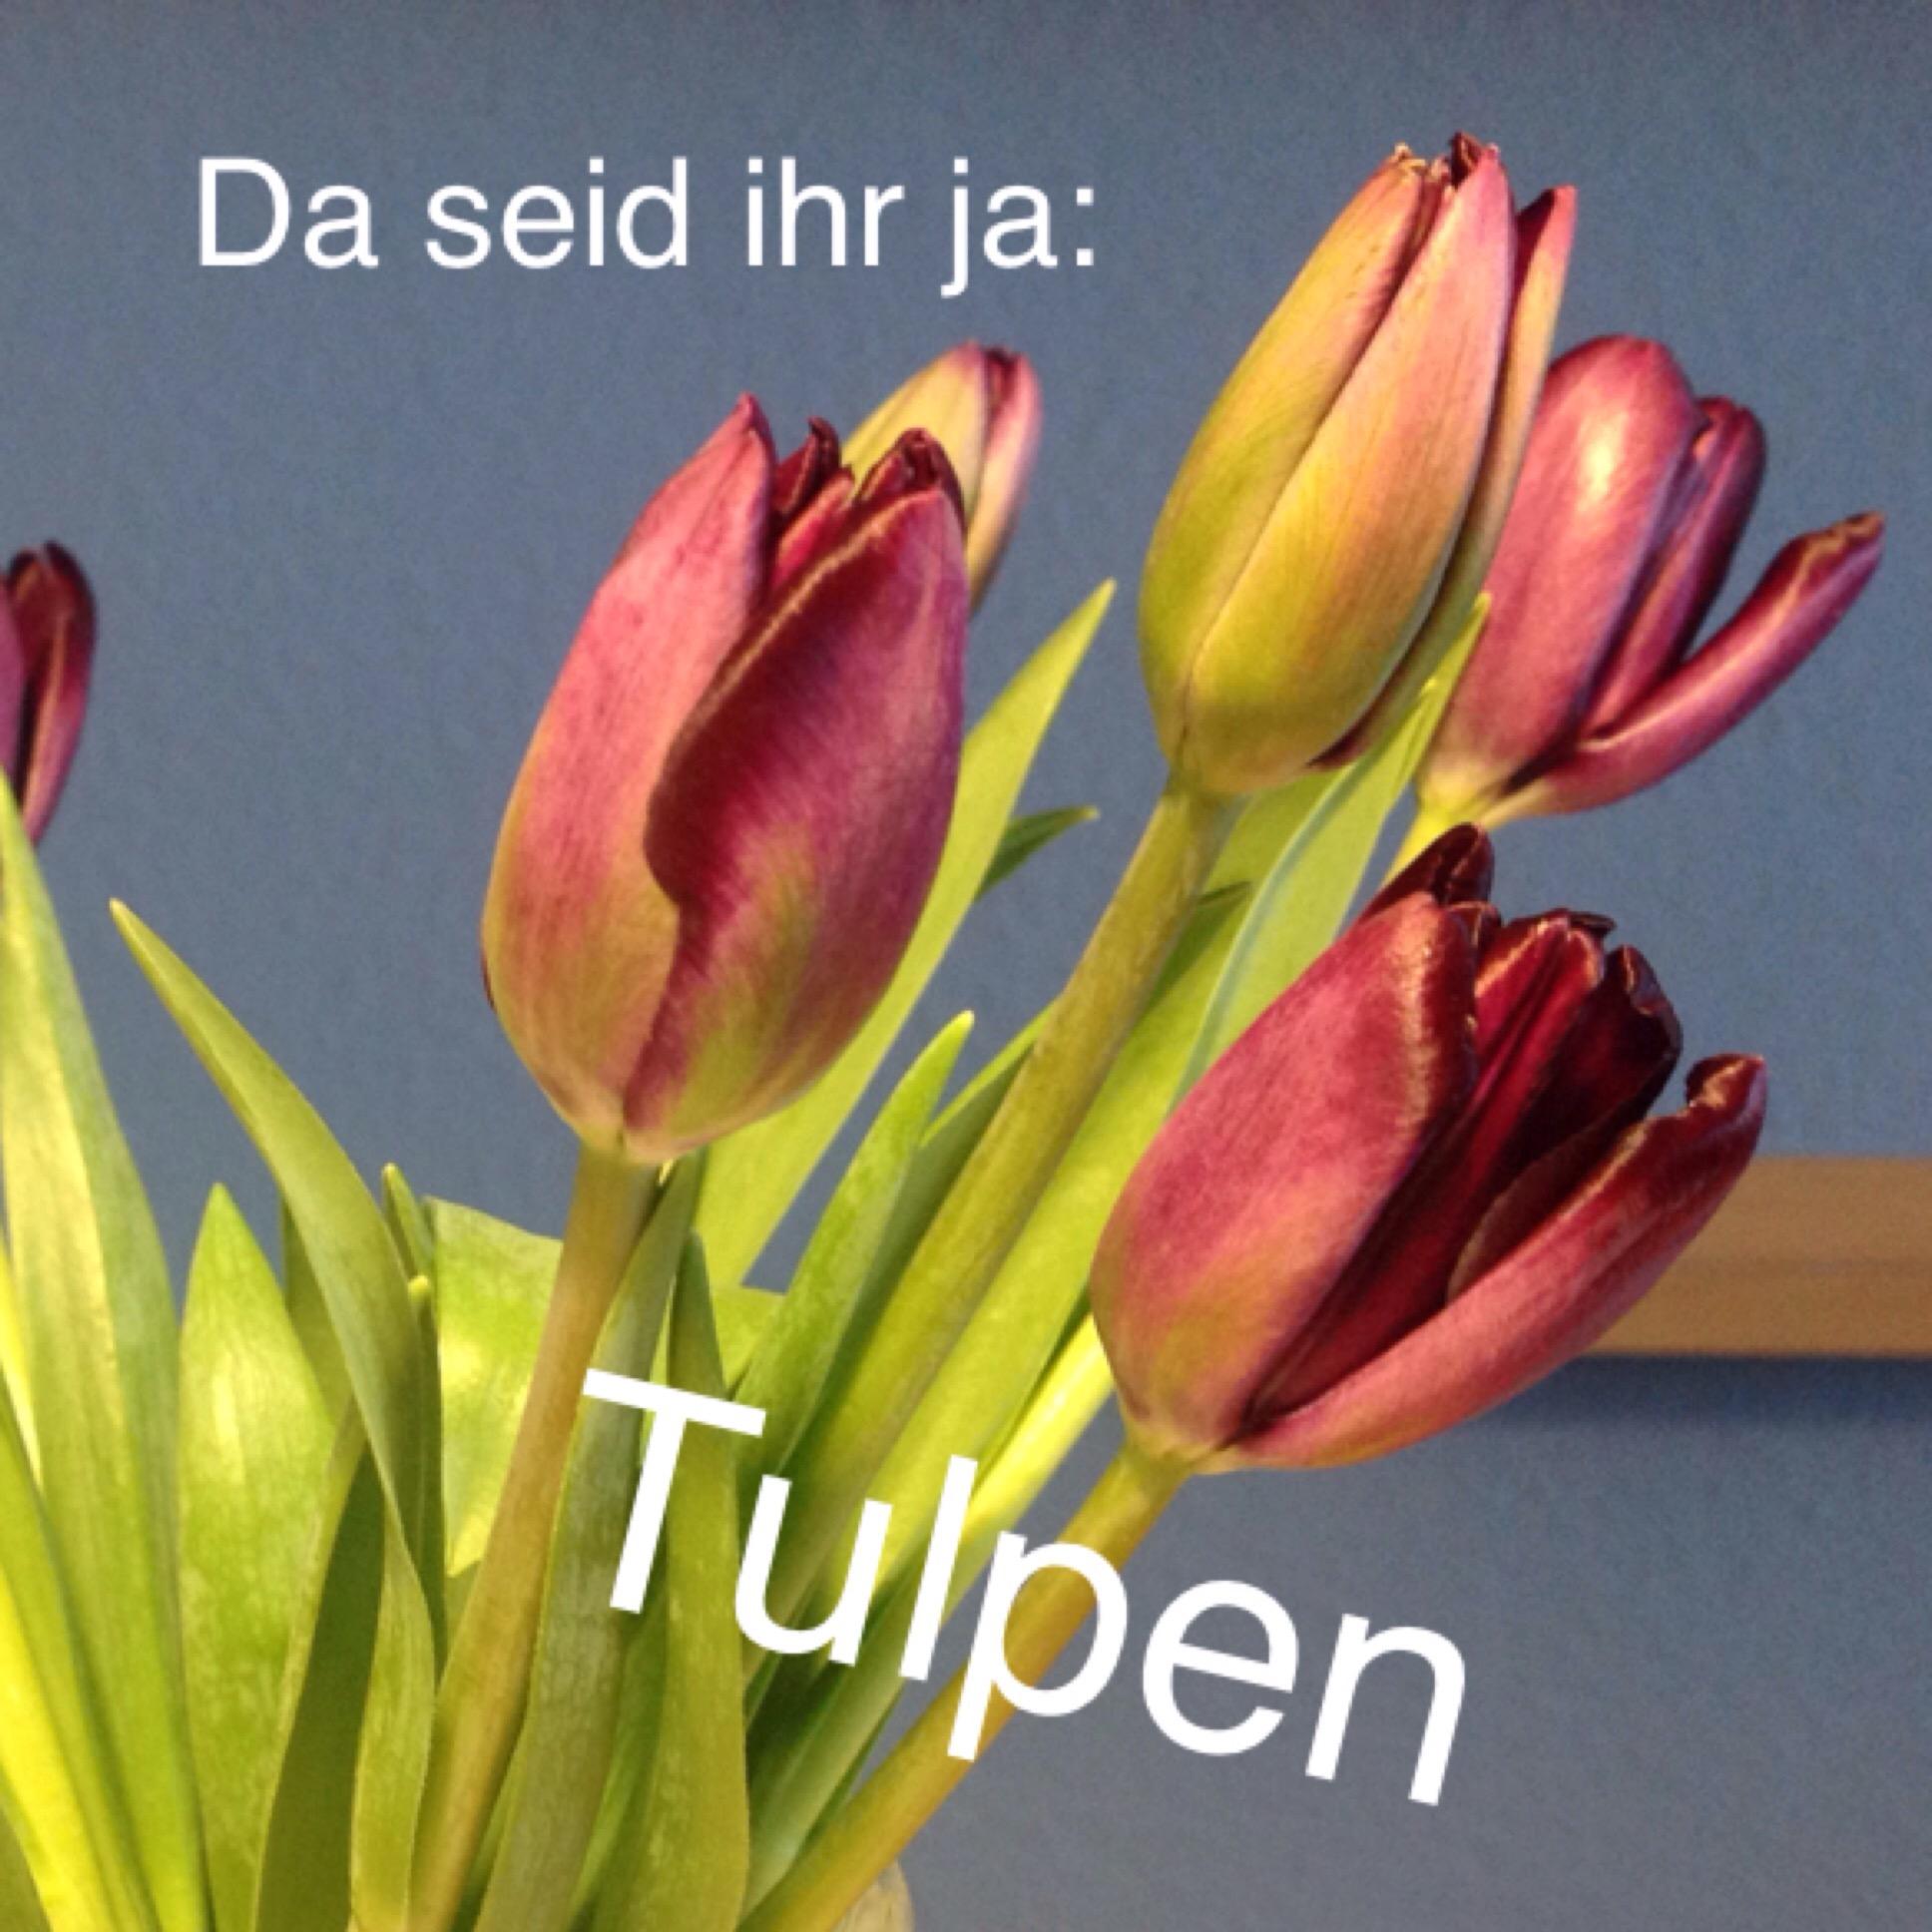 Friday-Flowerday – oder – Da seid ihr ja: Tulpen